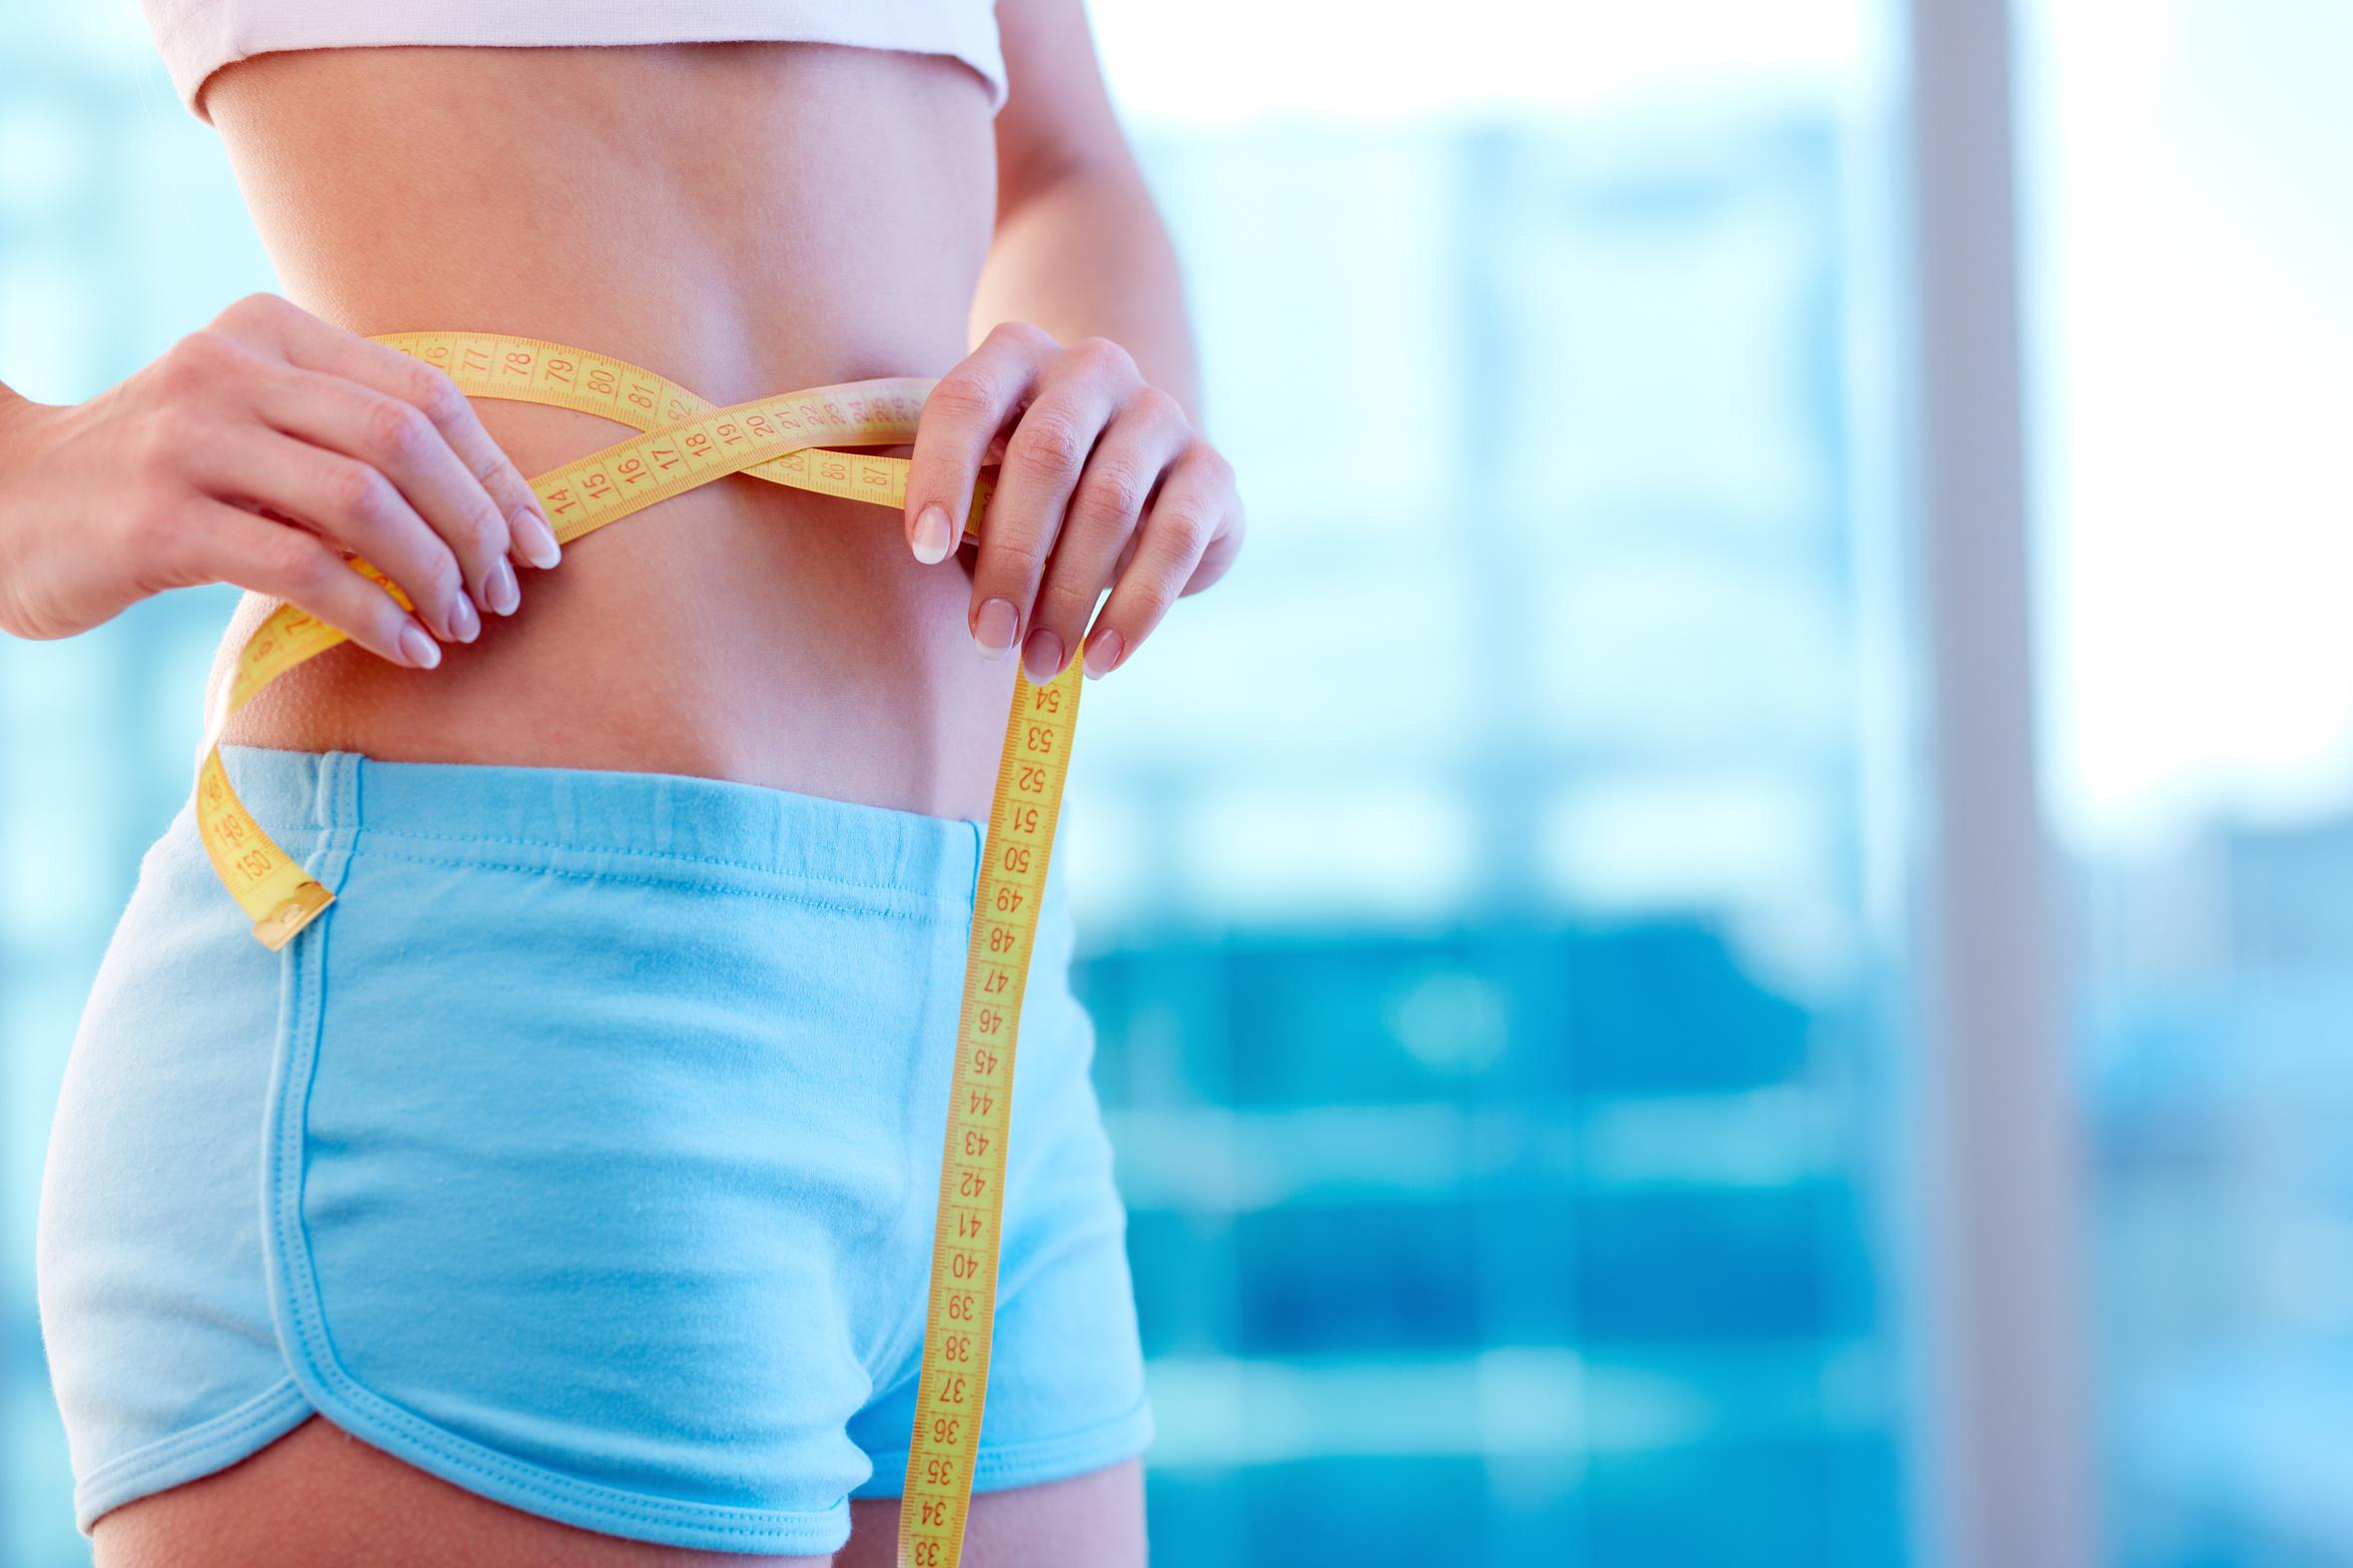 Grăsimea de pe burtă: Pierde în greutate în ciuda greutății normale?